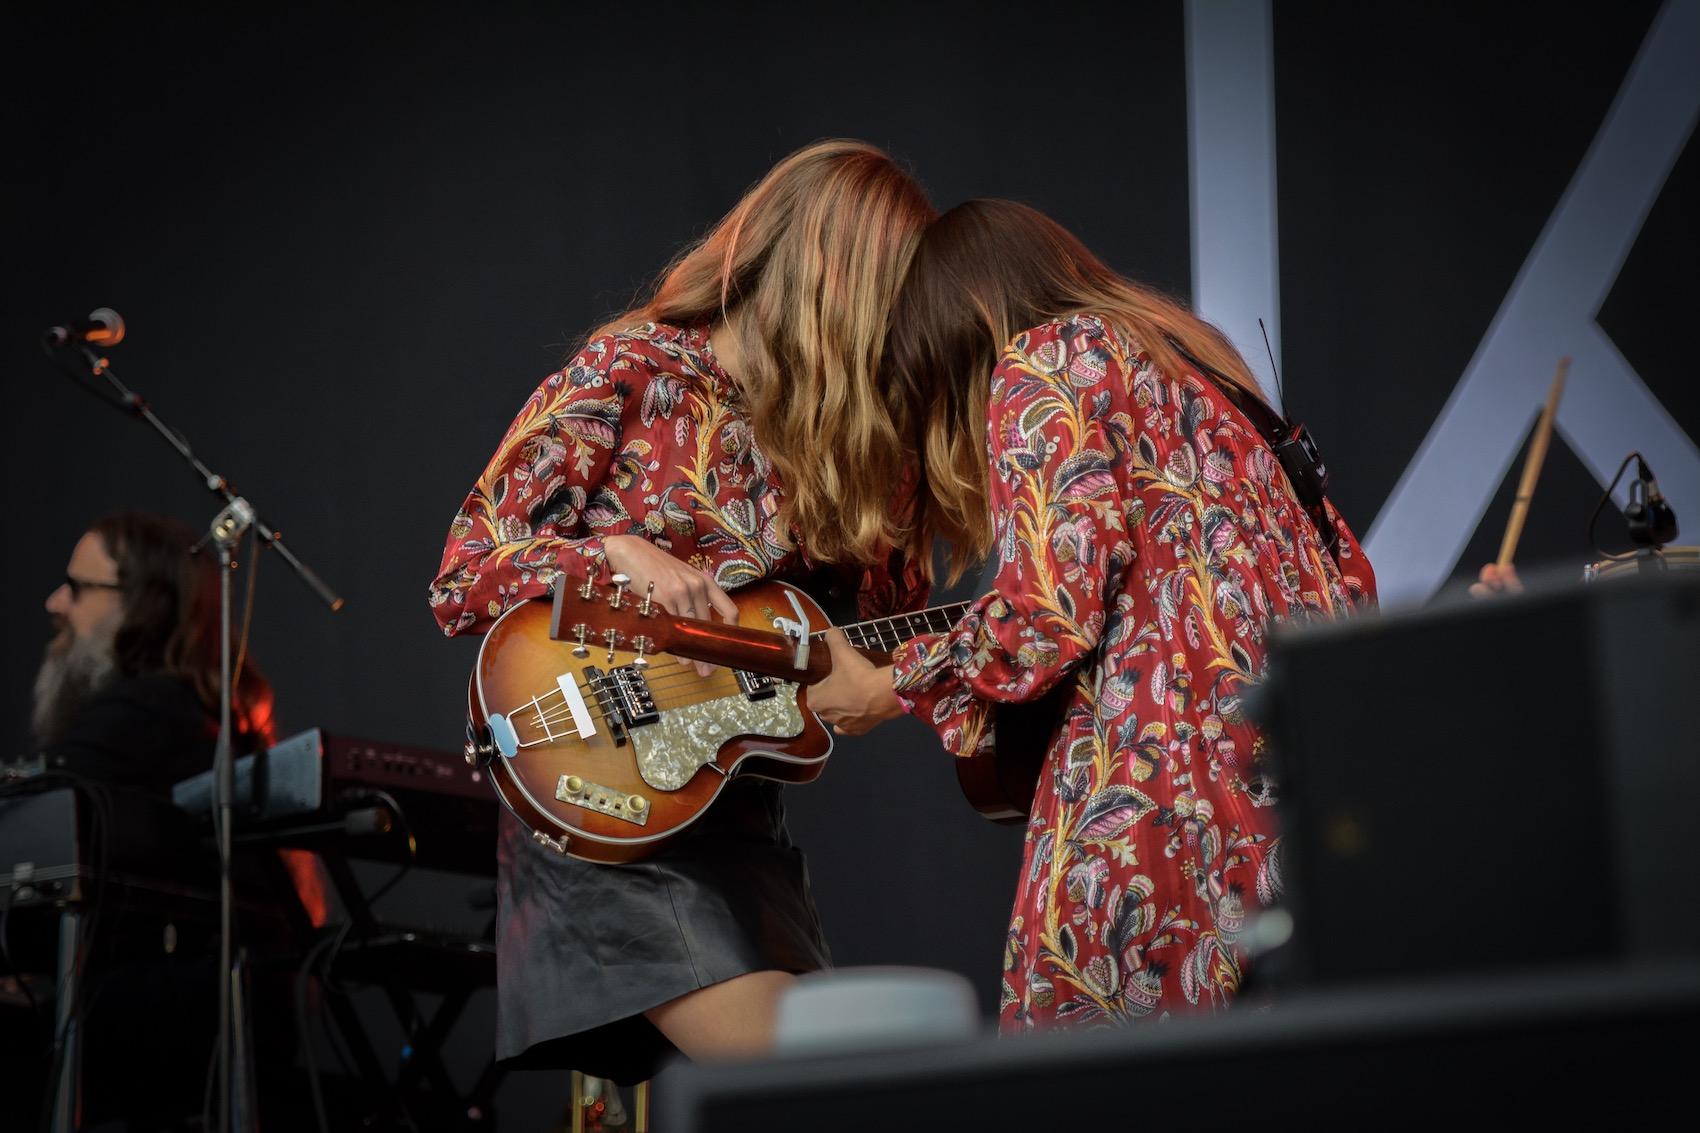 Ein Herz und zwei Gitarren. Die schwedischen Schwestern Johanna und Klara Söderberg sind seit zehn Jahren First Aid Kit.